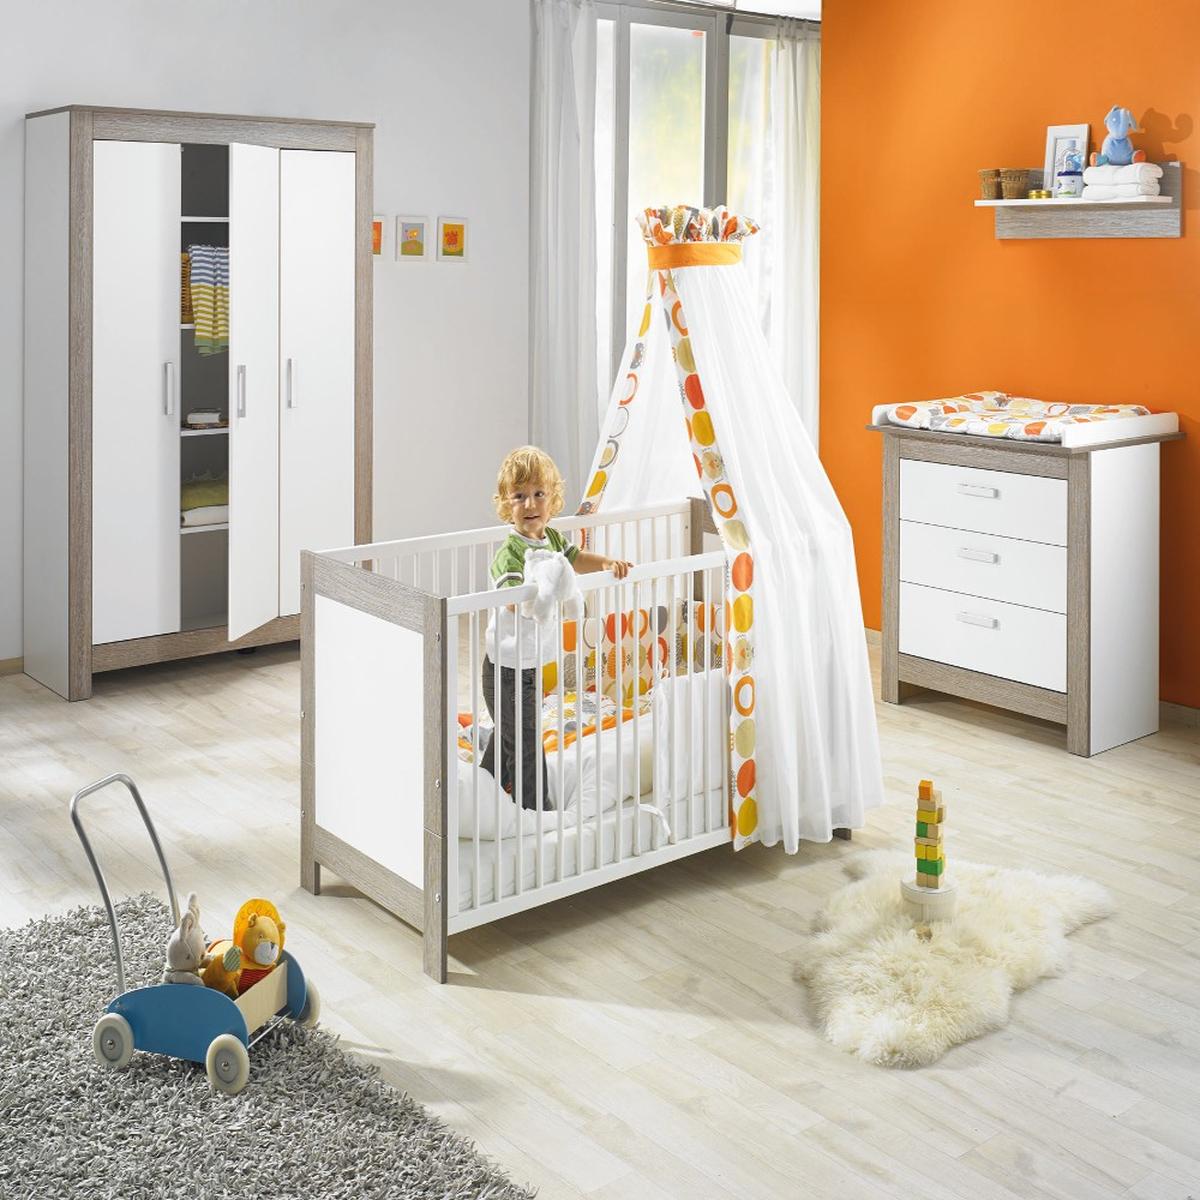 Full Size of Schrank Kinderzimmer Babyartikel Erstausstattung Online Kaufen Midischrank Bad Sofa Hochschrank Küche Regal Kleiderschrank Hängeschrank Glastüren Kinderzimmer Schrank Kinderzimmer